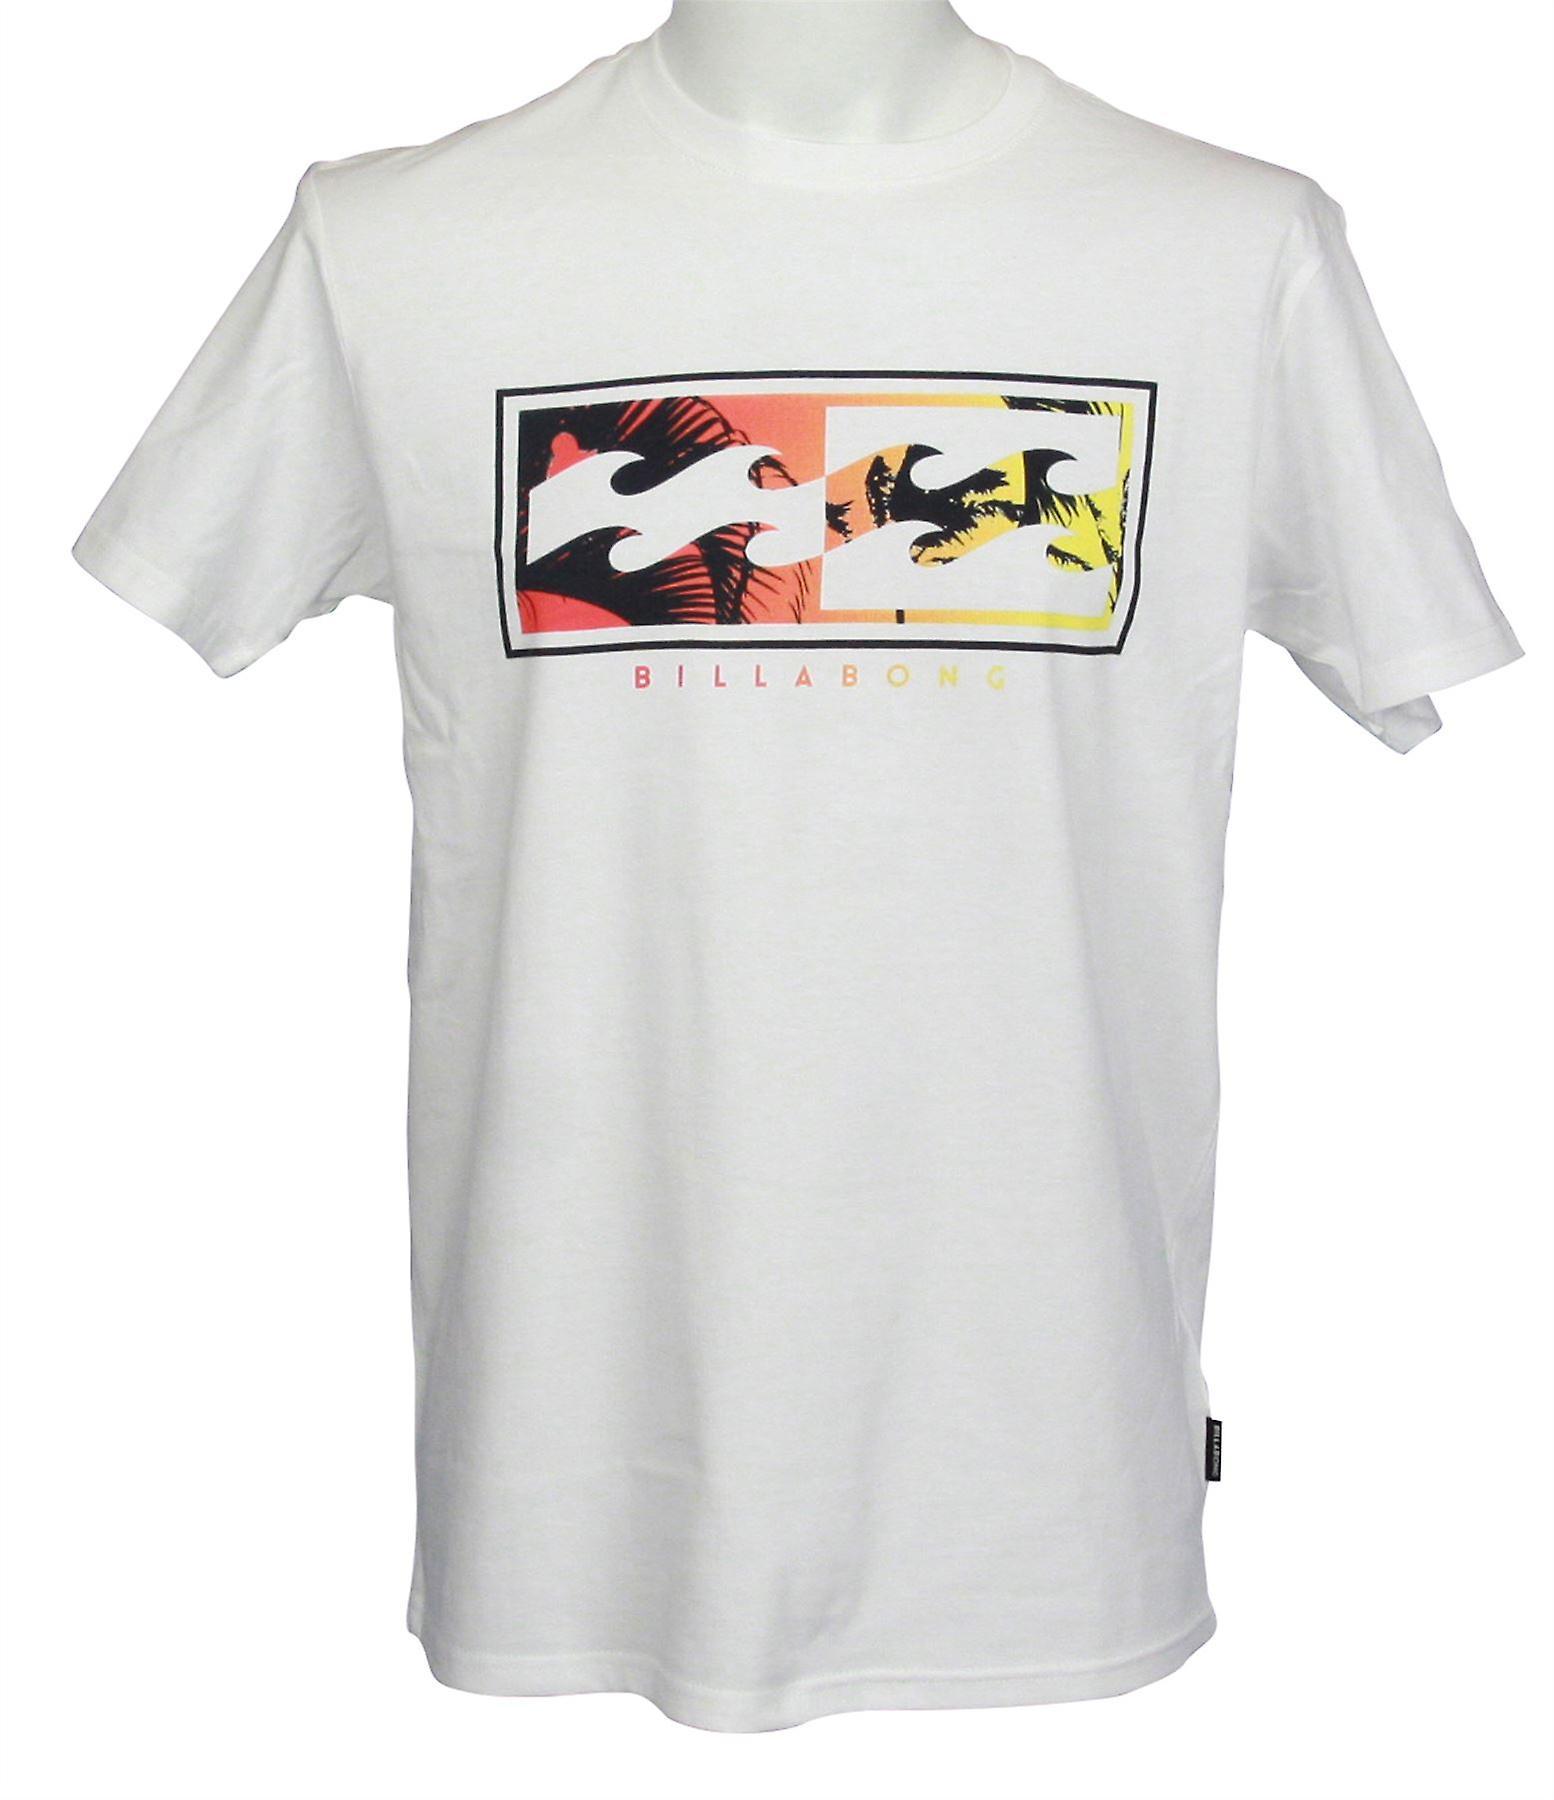 fea0340b2831d Billabong Men s T-Shirt ~ Inverse white